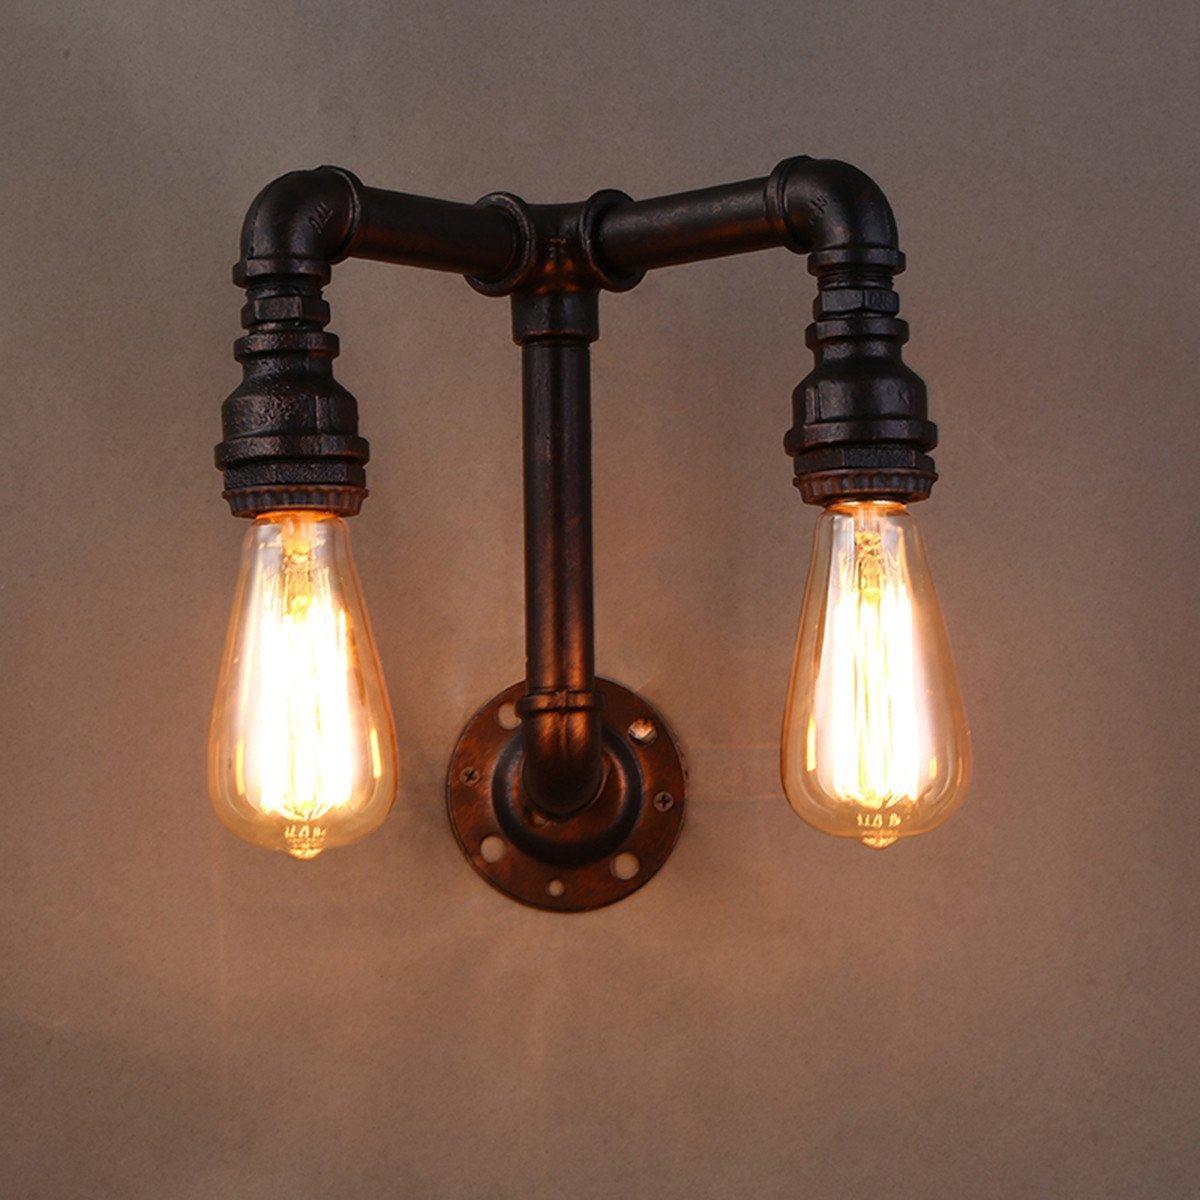 Wandlampe Wohnzimmer Landhaus